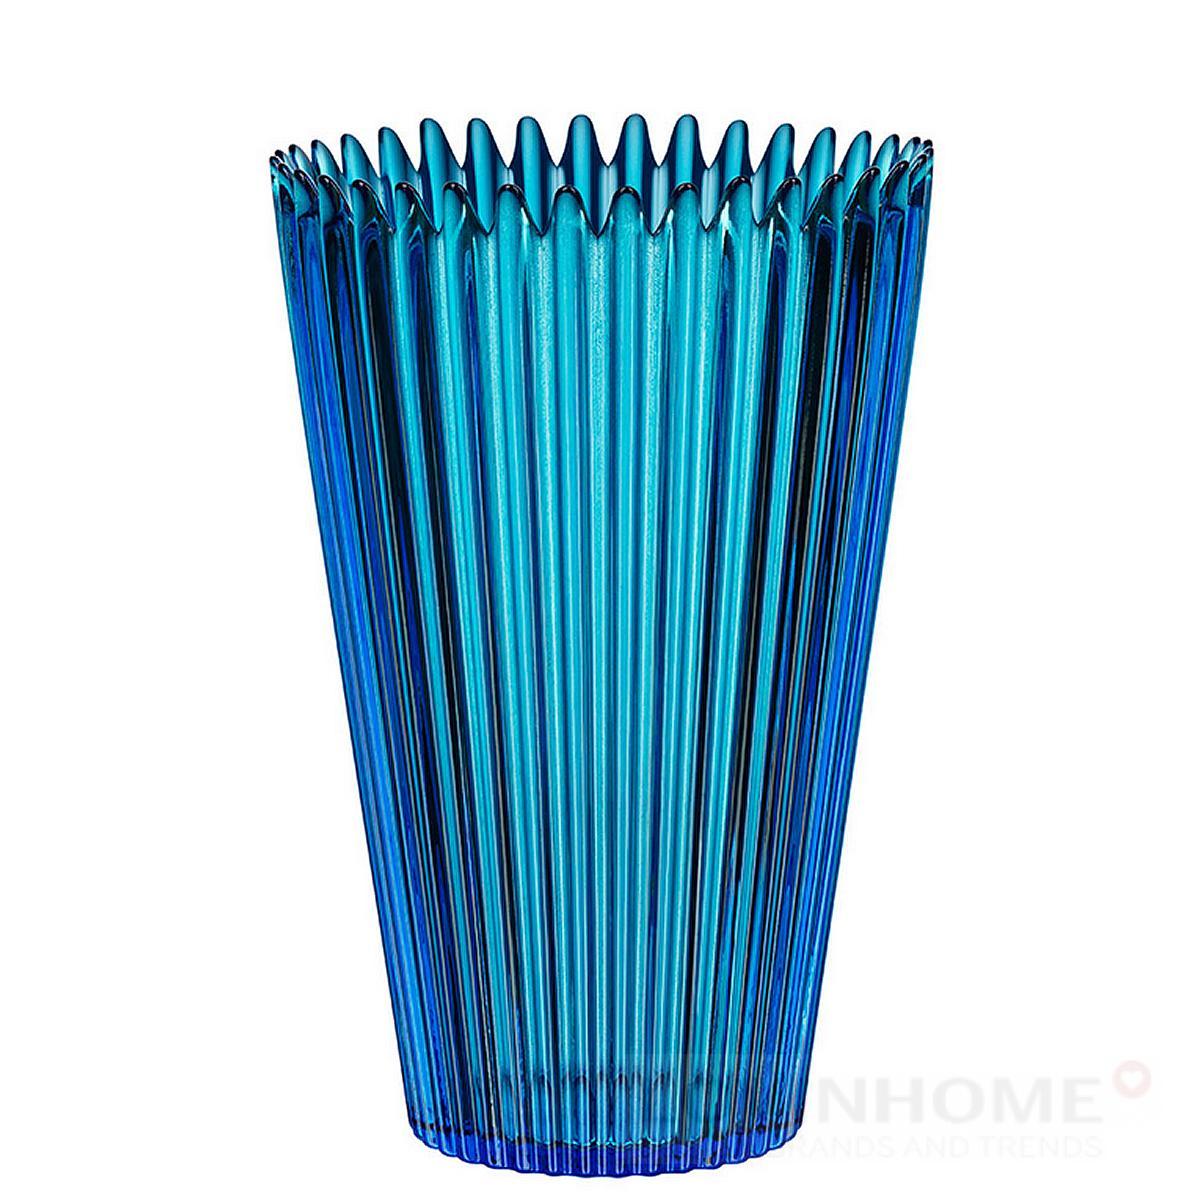 kosta boda cupcake vase blue ebay. Black Bedroom Furniture Sets. Home Design Ideas